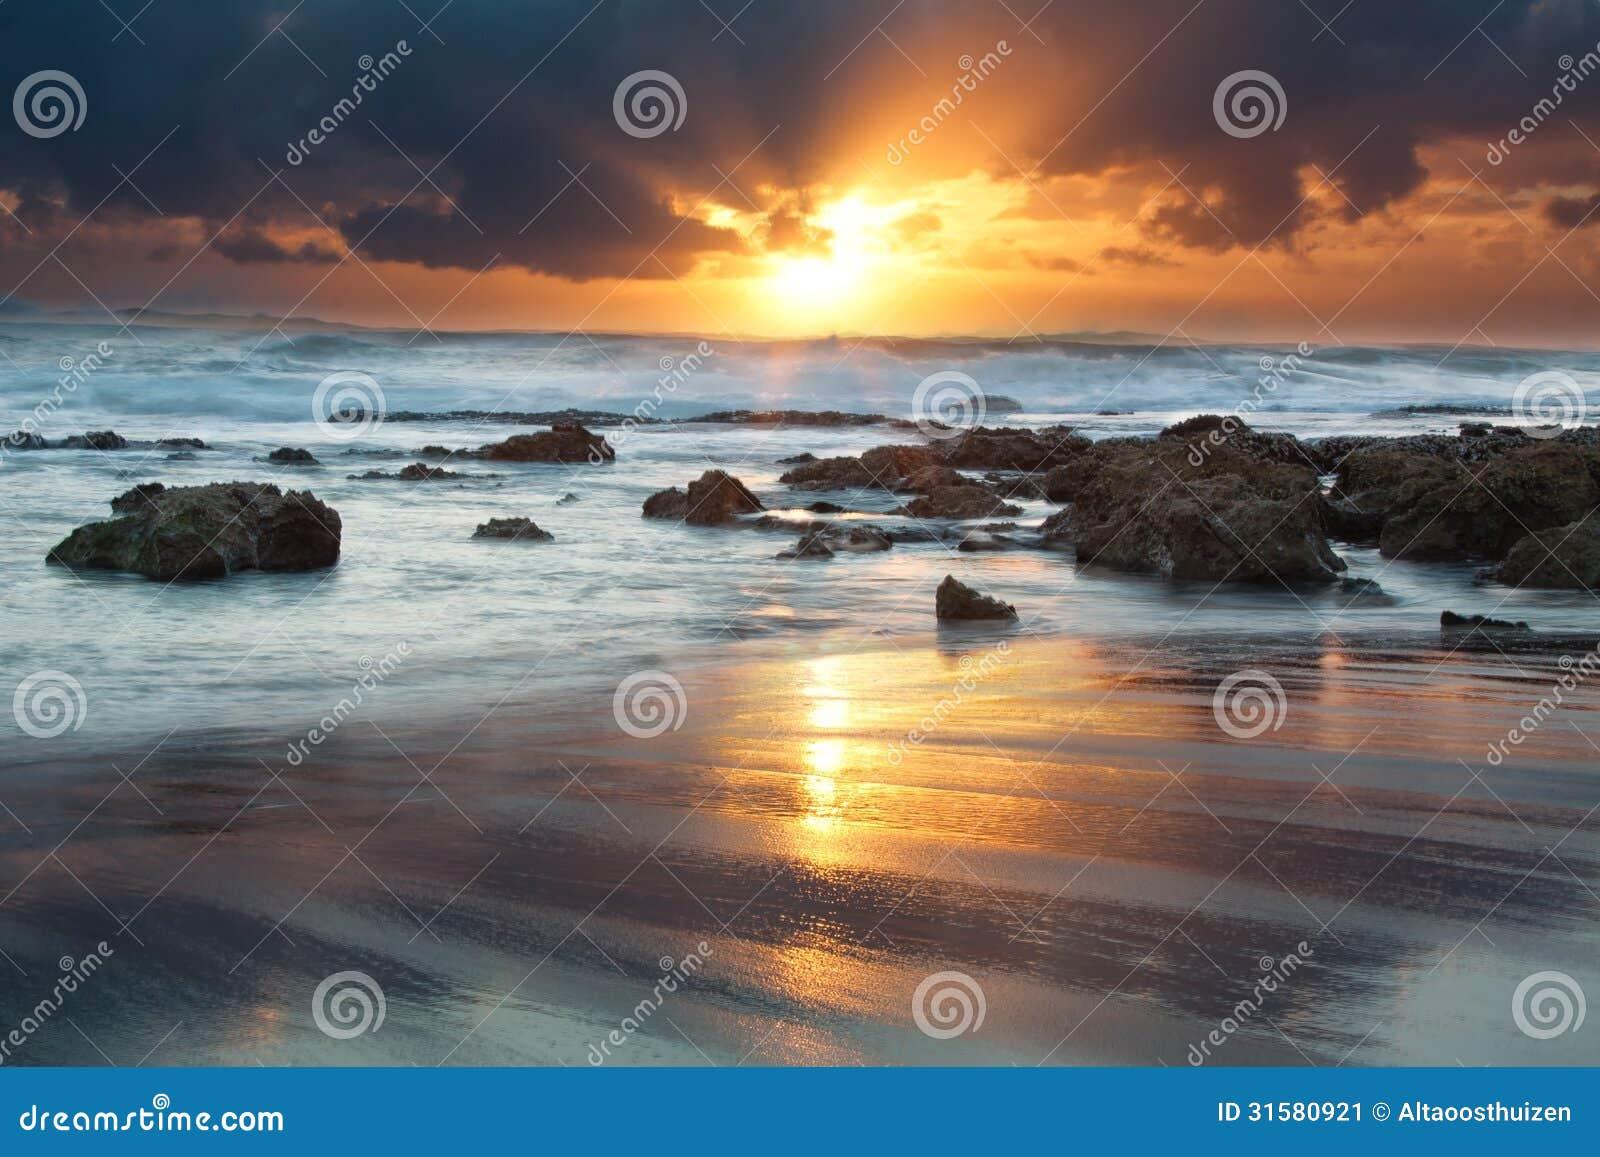 Ландшафт восхода солнца океана с облаками и утесами волн